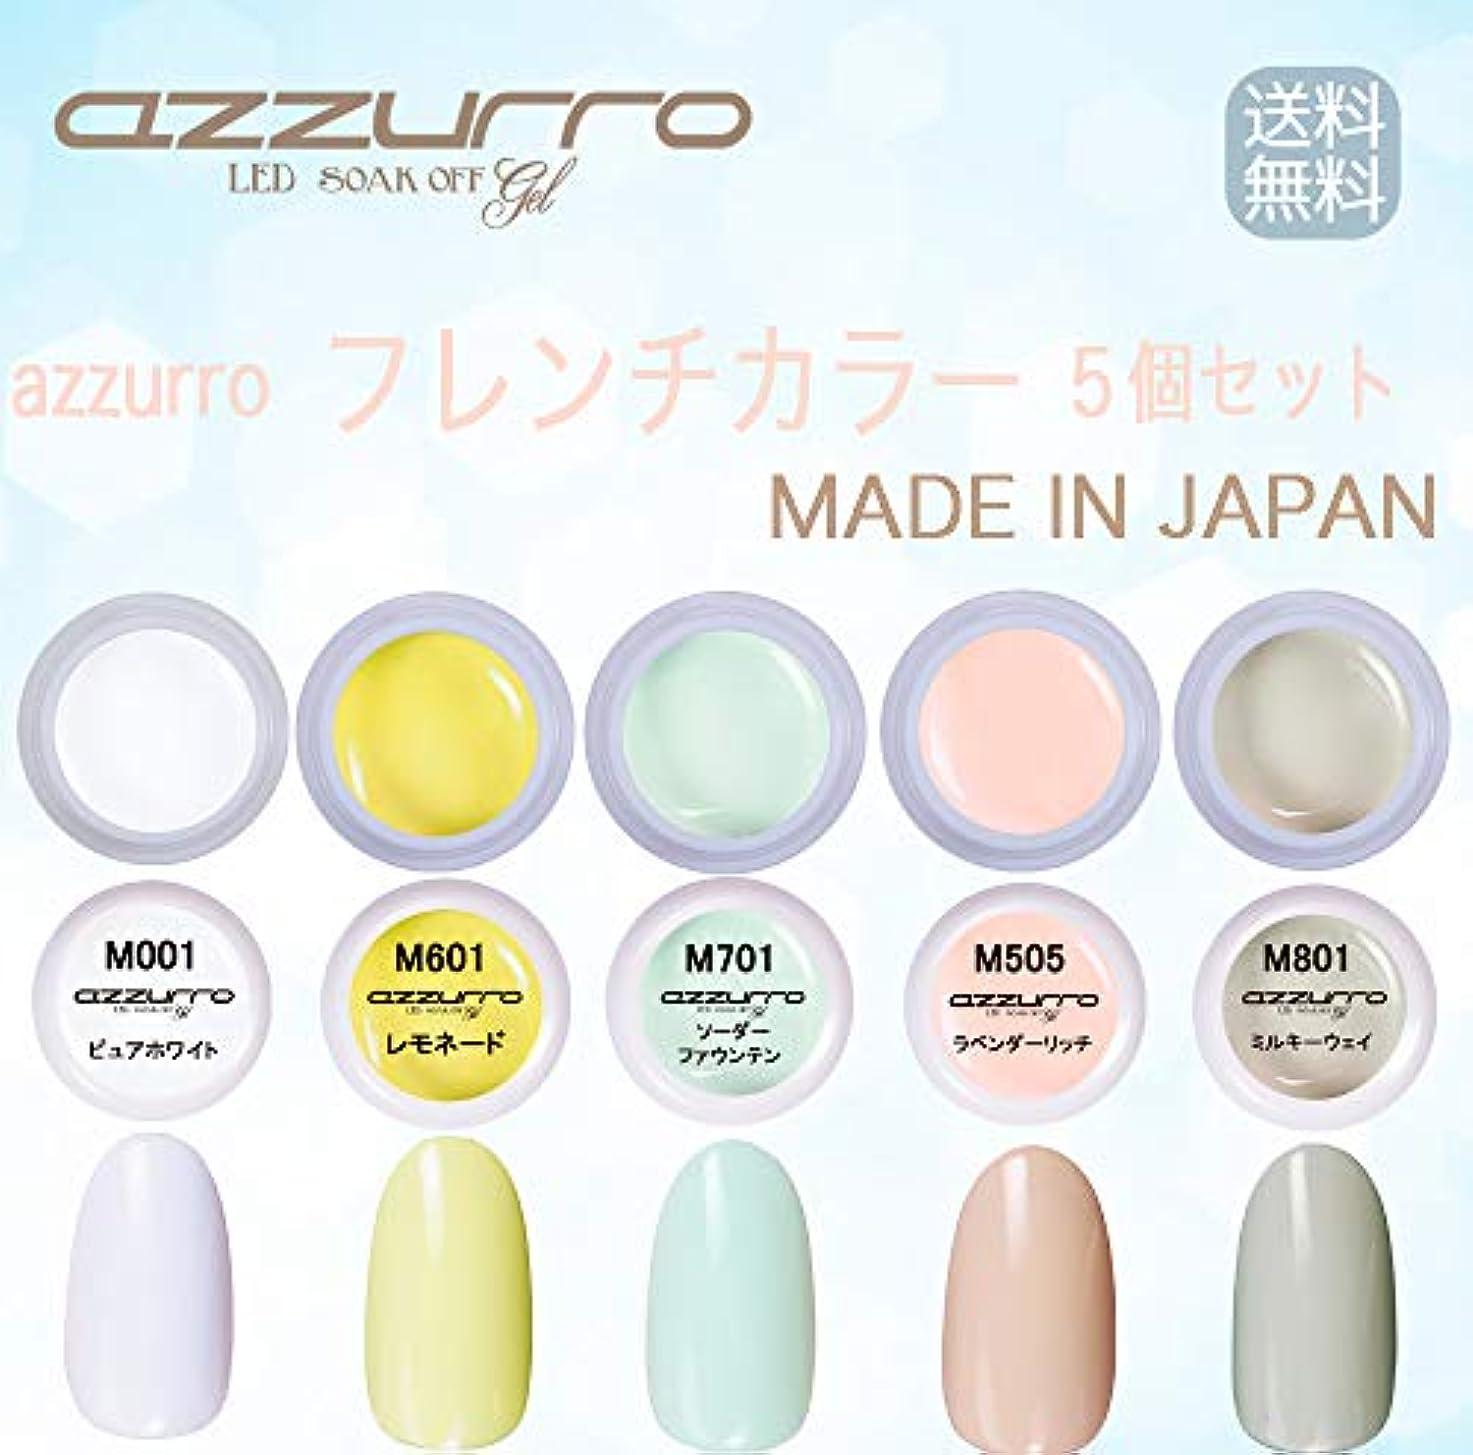 博物館統治可能どちらも【送料無料】日本製 azzurro gel フレンチカラージェル5個セット 春にピッタリでかわいいフレンチネイルにピッタリなカラー